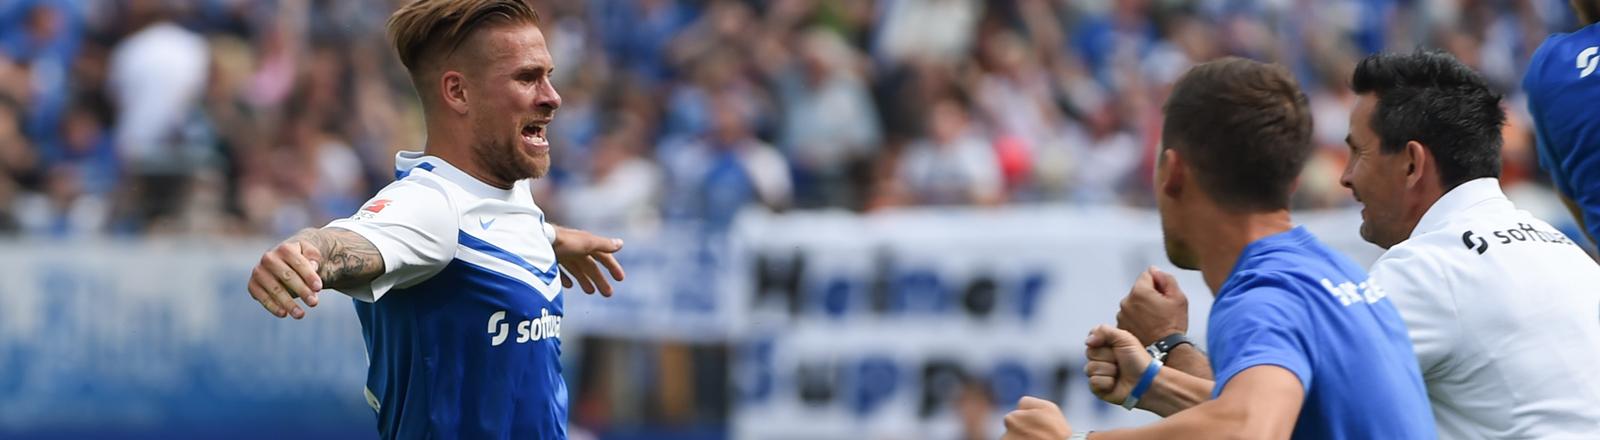 SV Darmstadt 98 - FC St. Pauli am 24.05.2015 im Merck-Stadion am Böllenfalltor in Darmstadt. Darmstadts Tobias Kempe (l) jubelt nach seinem Tor zum 1:0 mit Trainer Dirk Schuster (r).